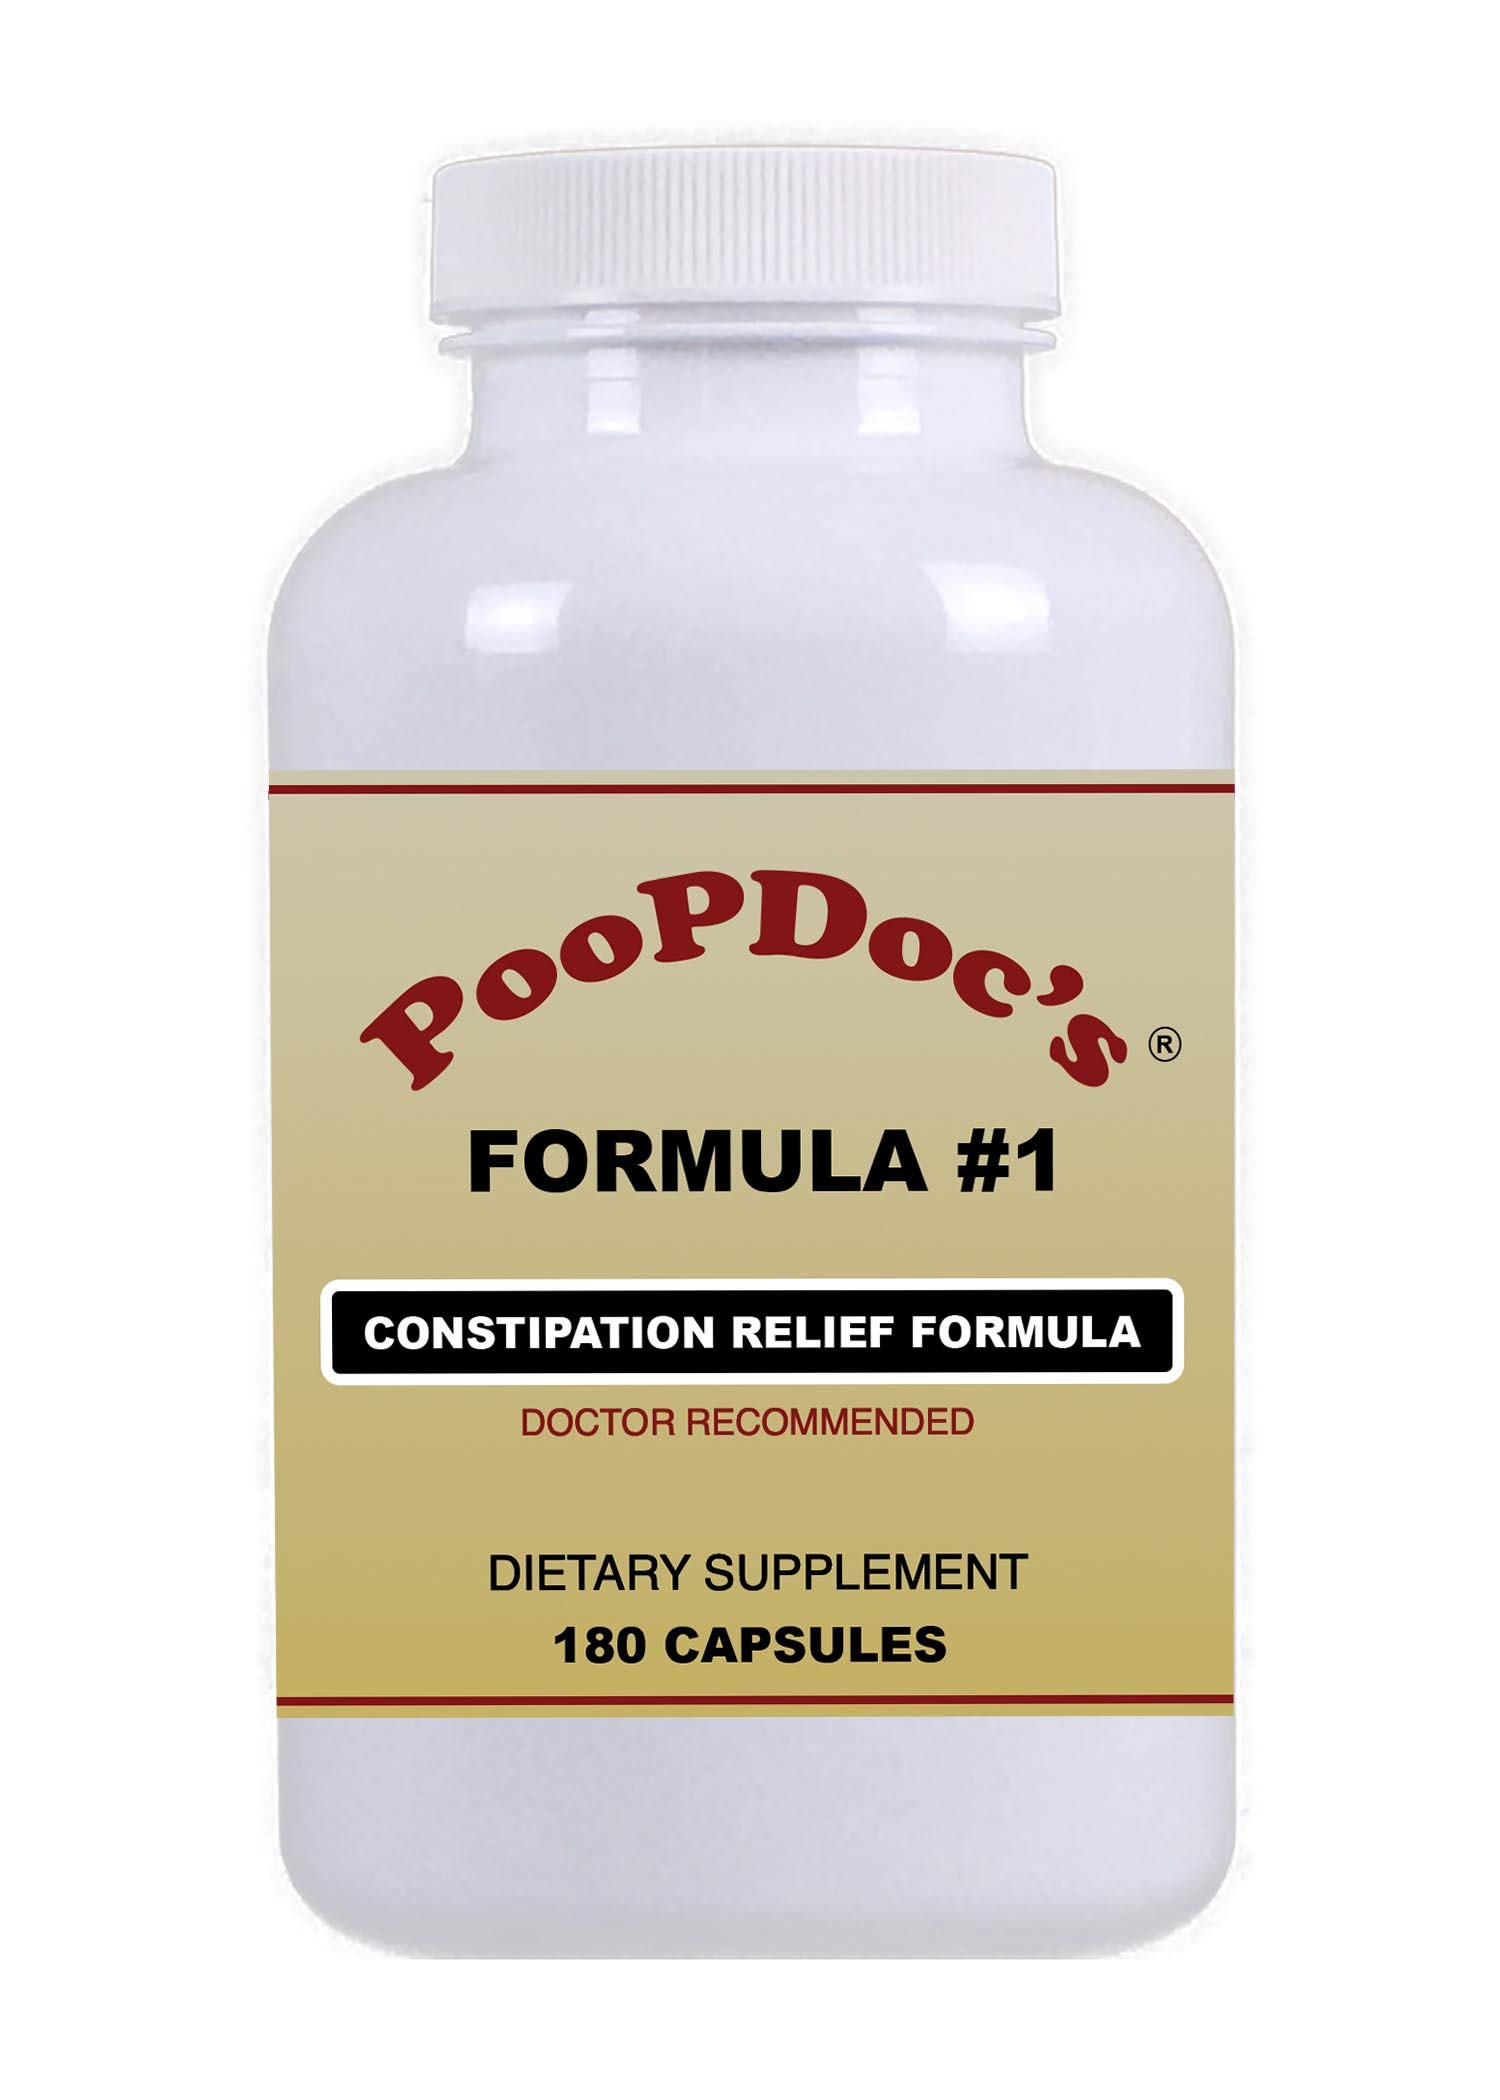 PoopDoc's Constipation Relief Formula #1 (Large Bottle - 180 Cap) by Poopdoc